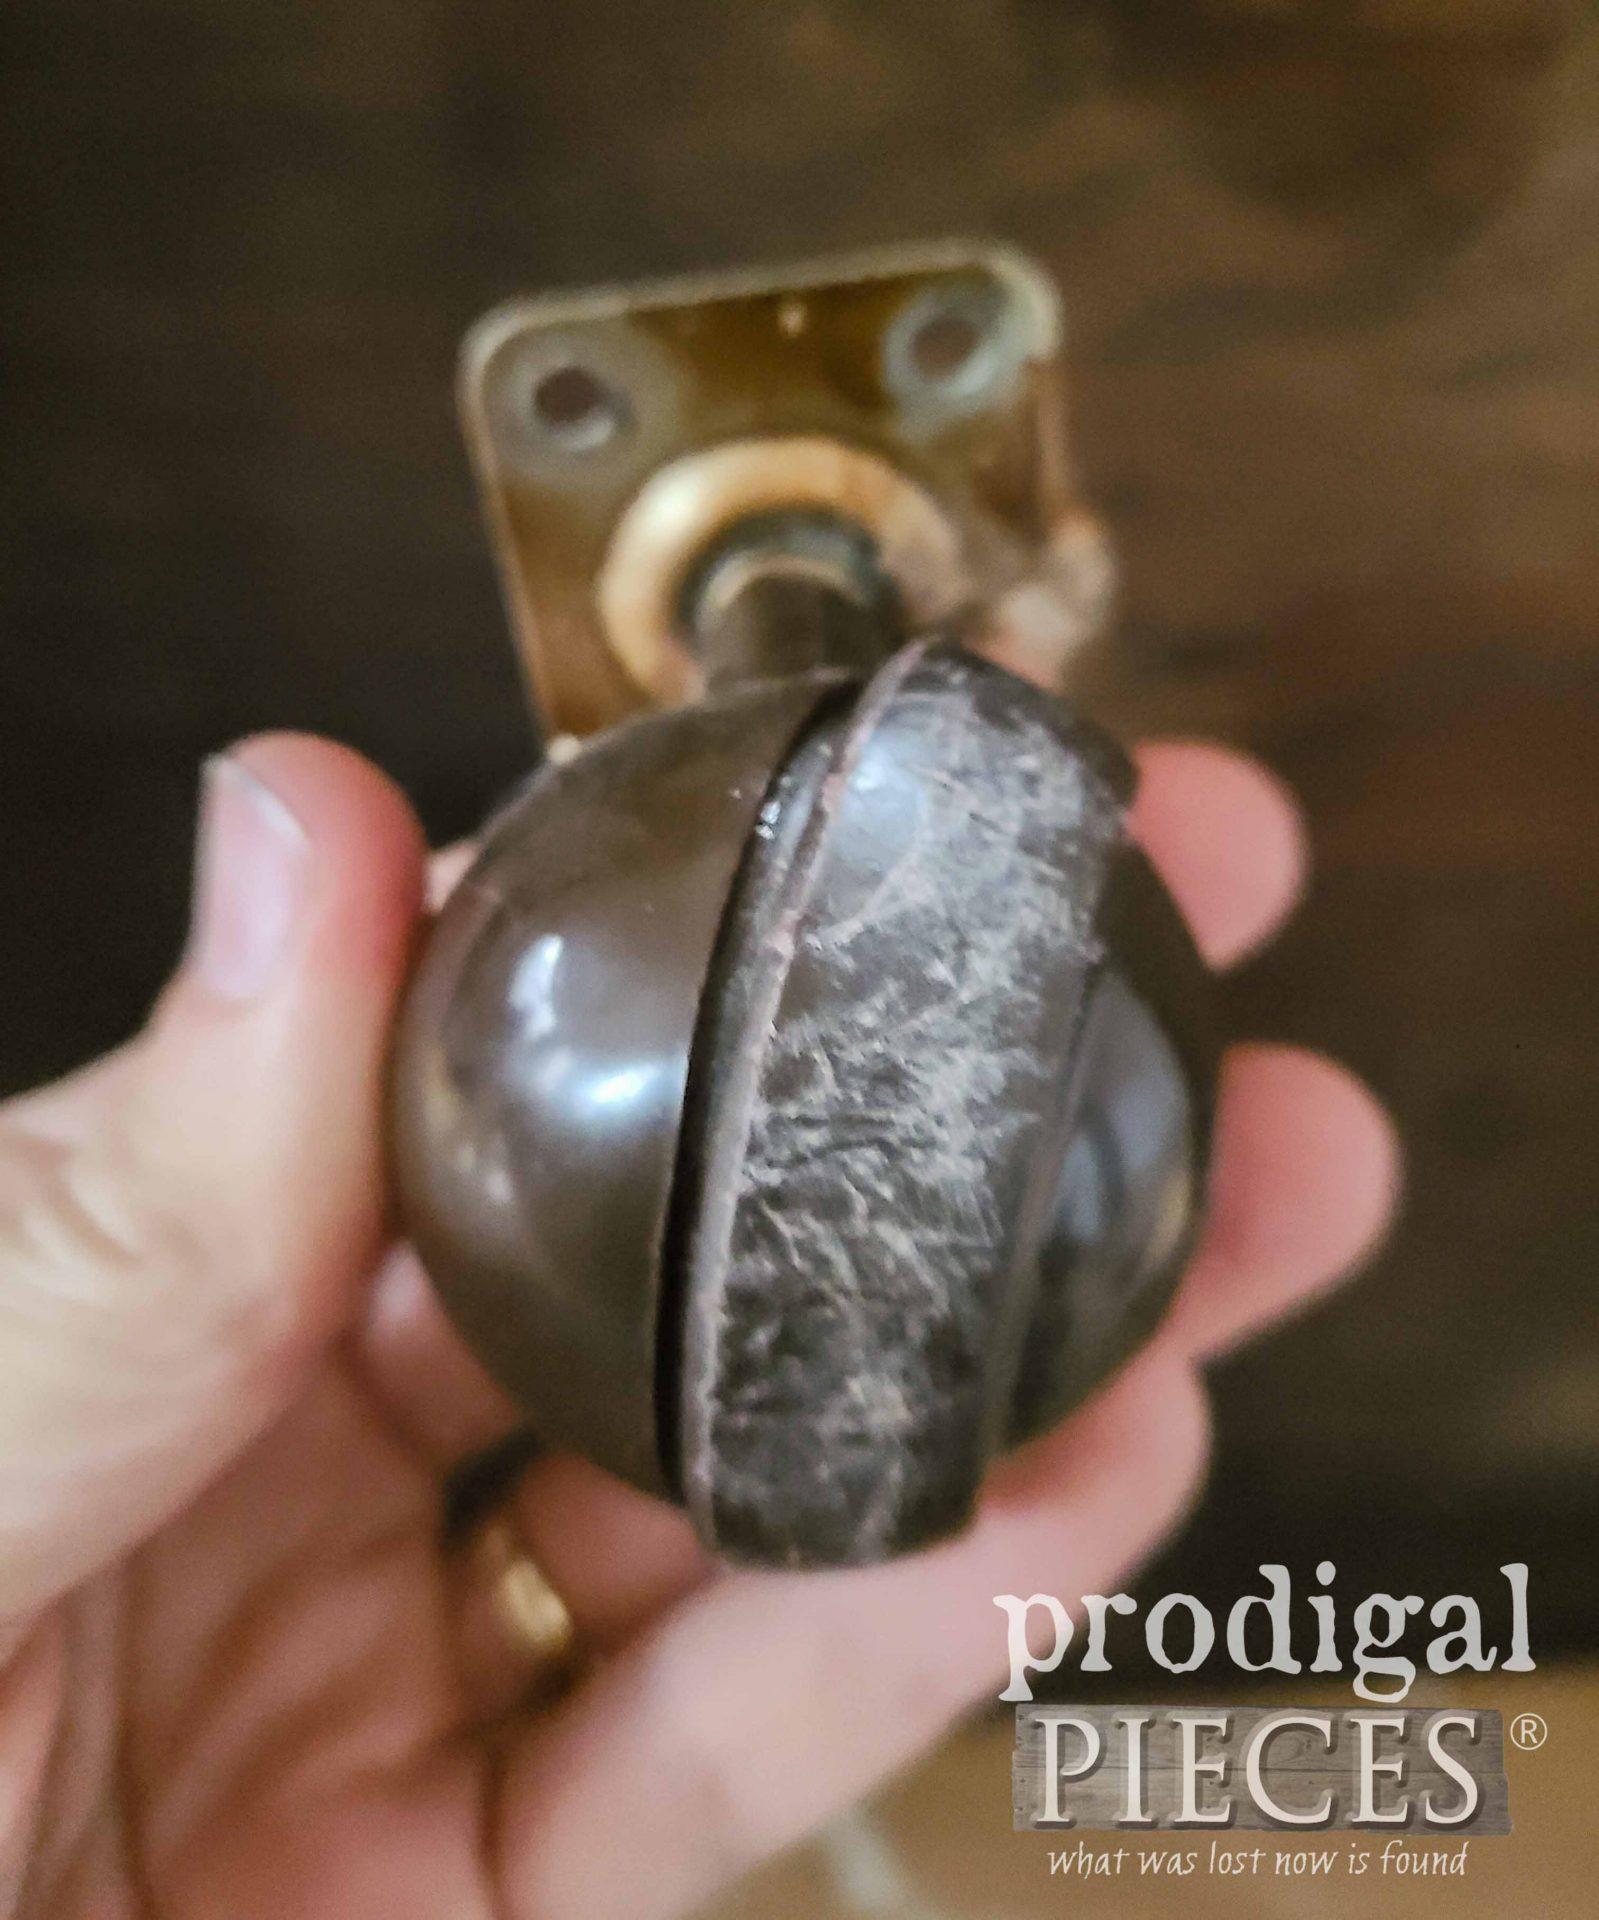 Damaged Ball Casters | prodigalpieces.com